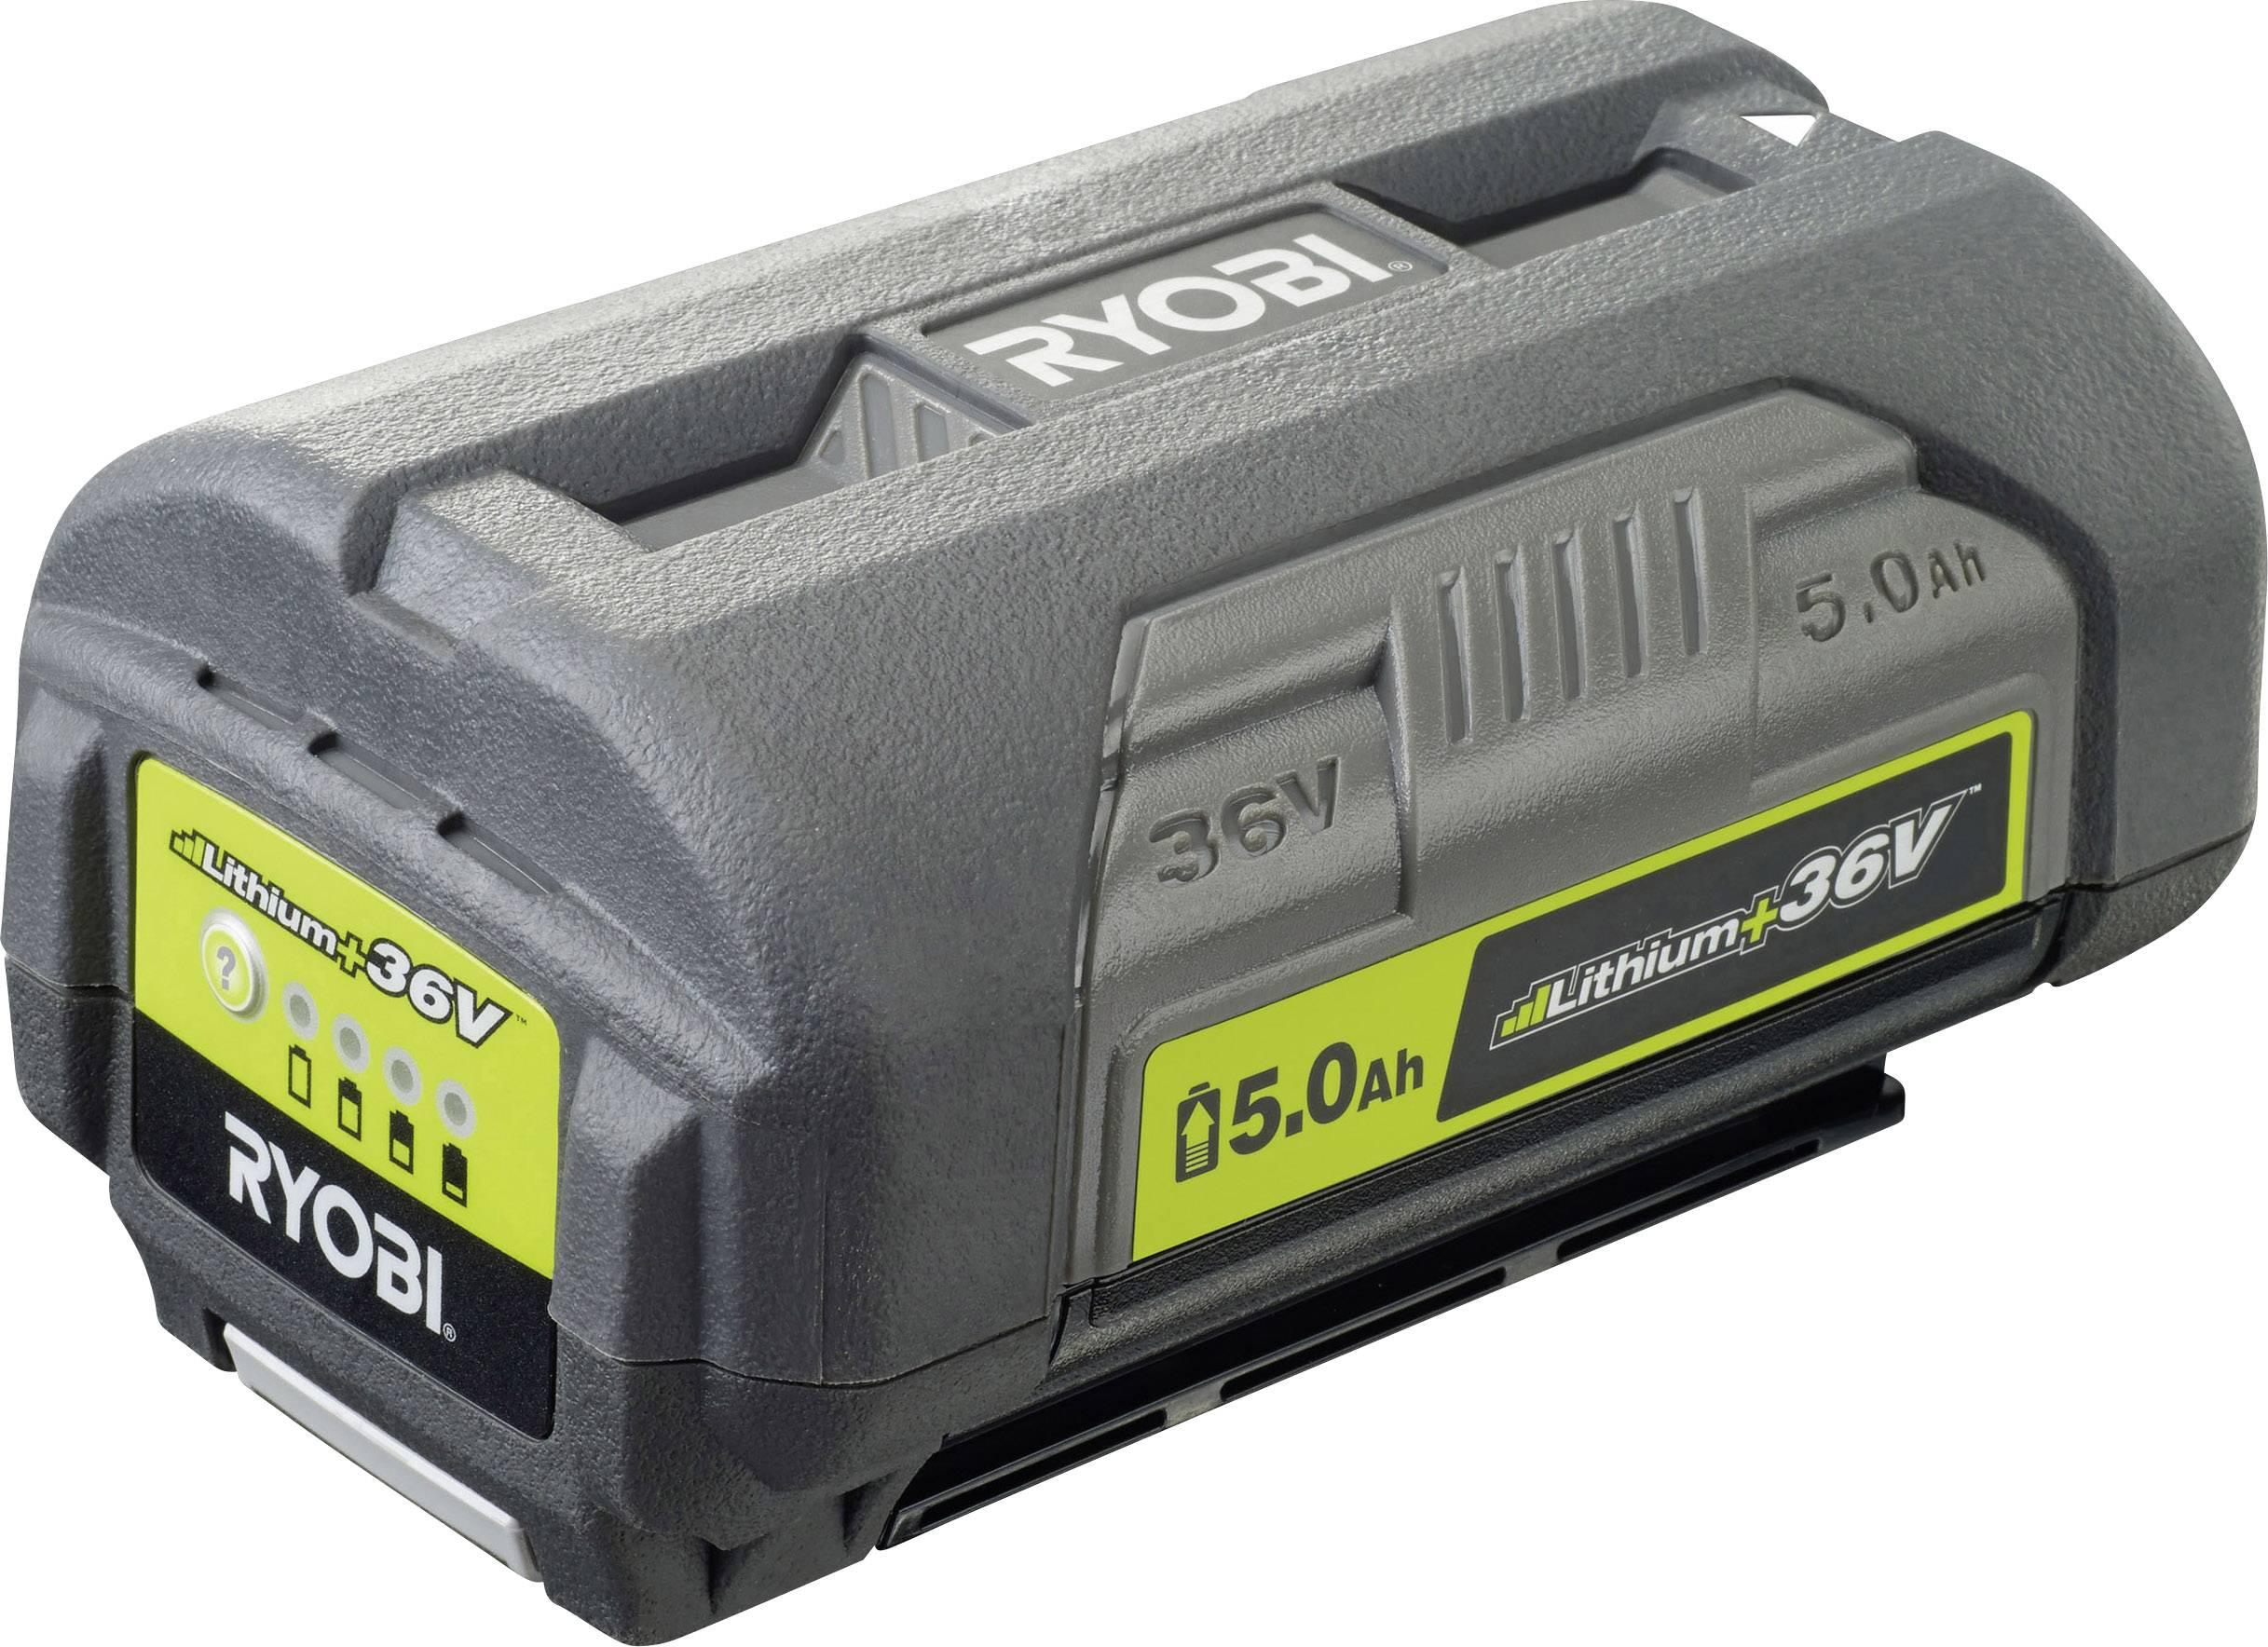 Náhradní akumulátor pro elektrické nářadí, Ryobi BPL3650D 5133002166, 36 V, 5 Ah, Li-Ion akumulátor